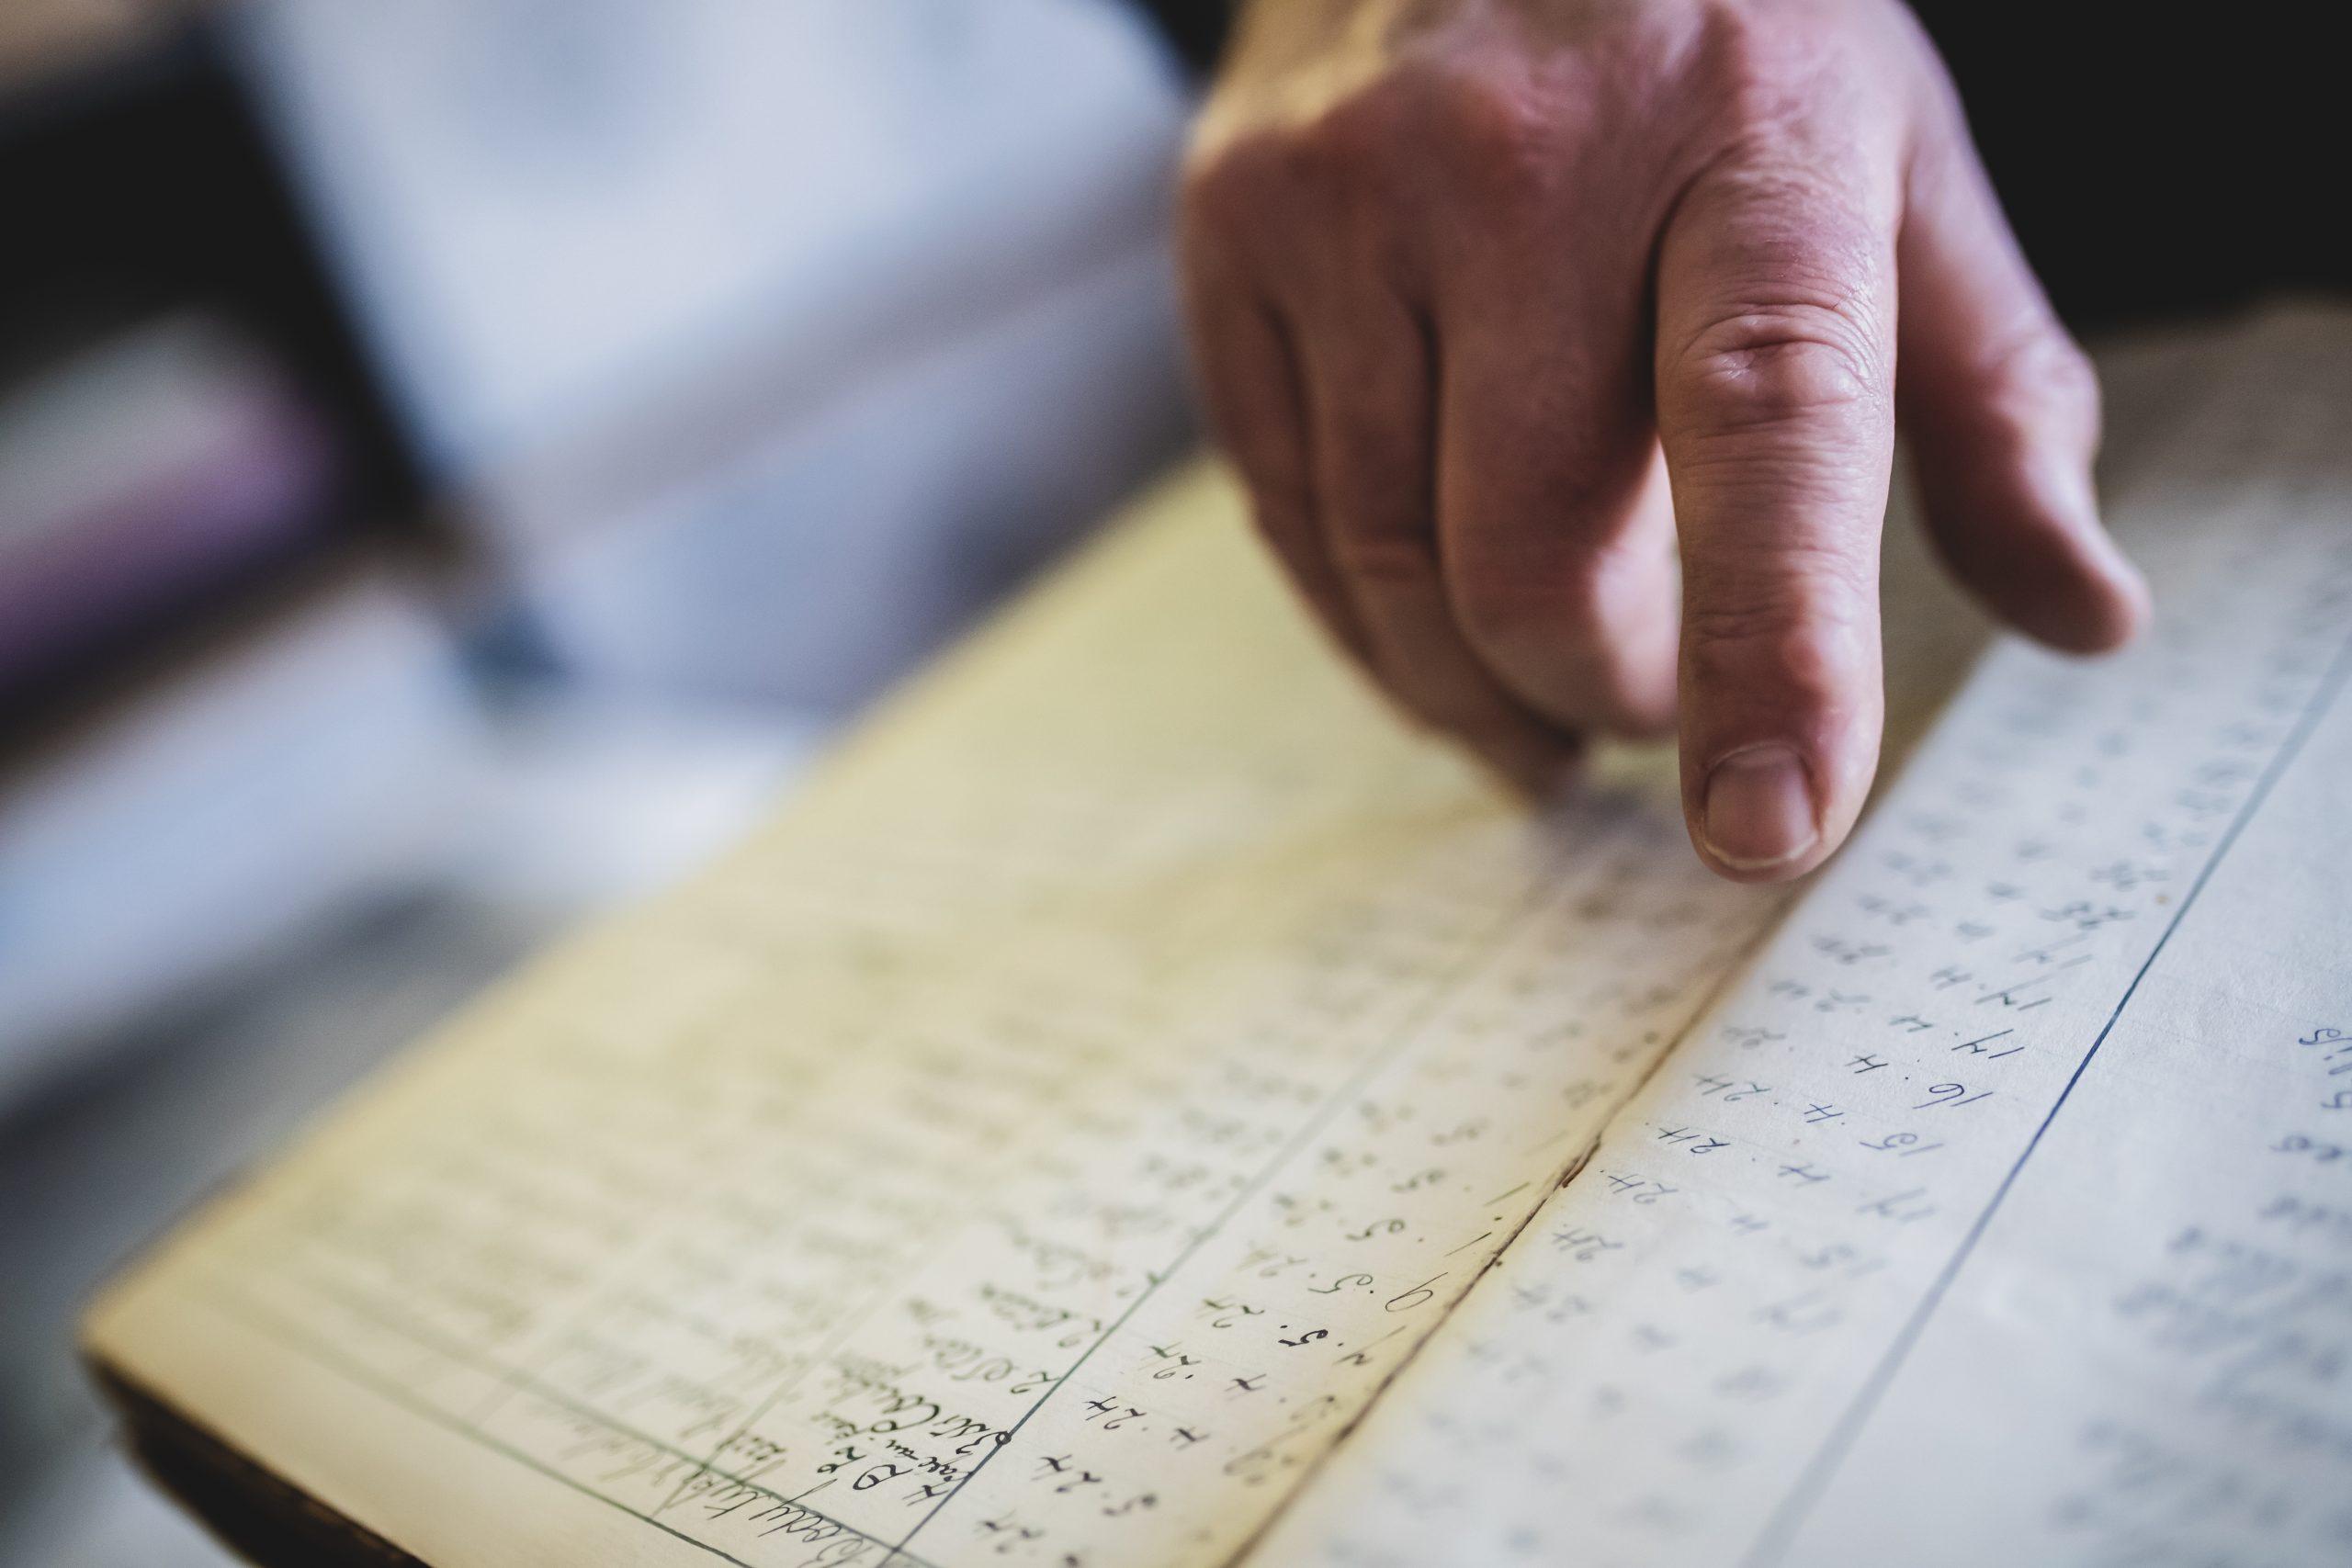 alvis factory ledger date notes close